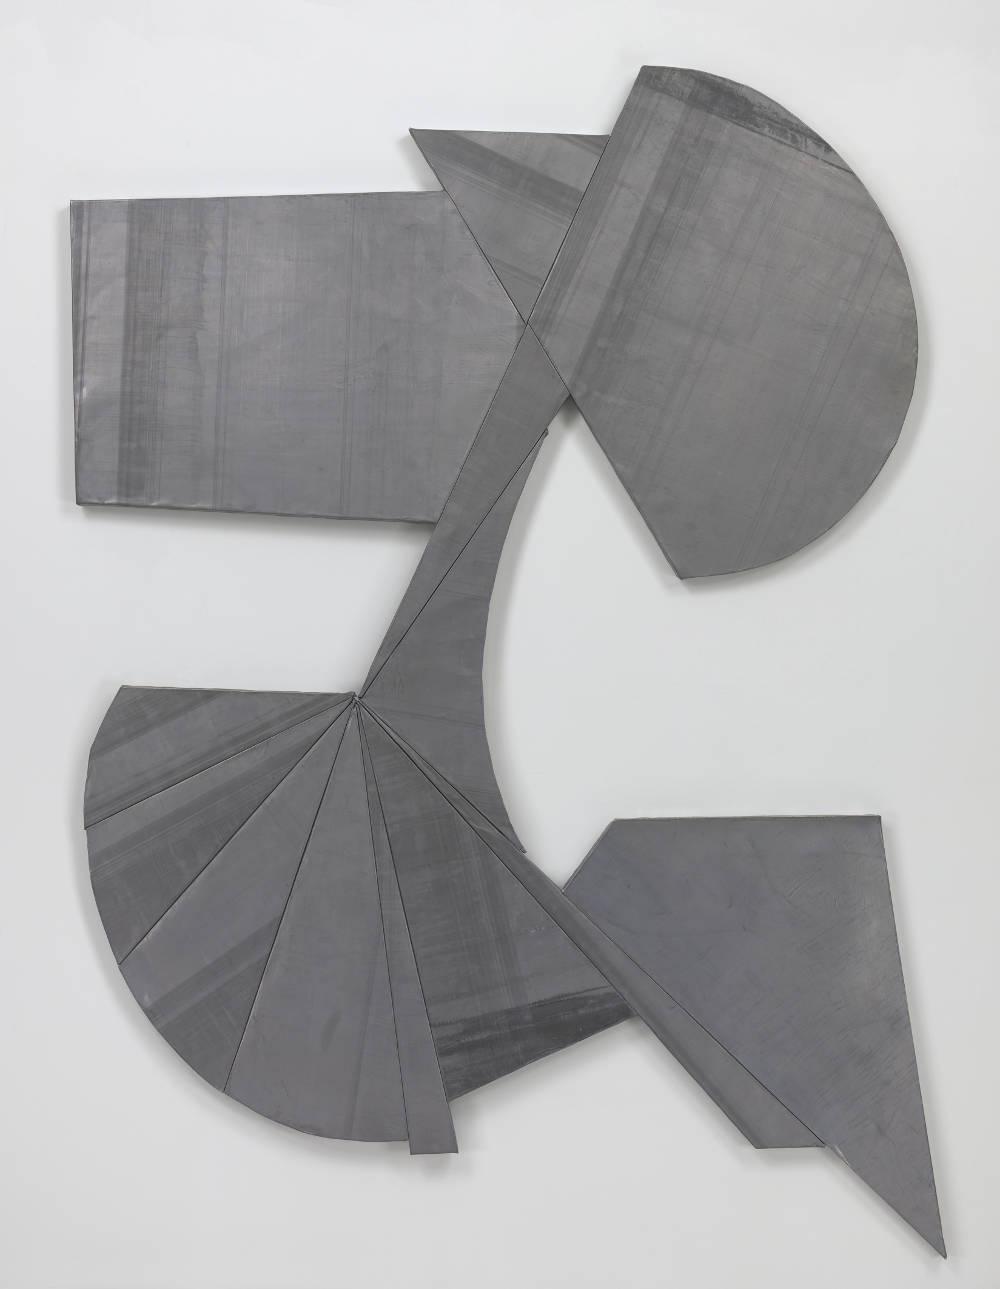 WYATT KAHN, Untitled, 2016. Lead on panel 240 x 180.5 cm / 94 1/2 x 71 inches